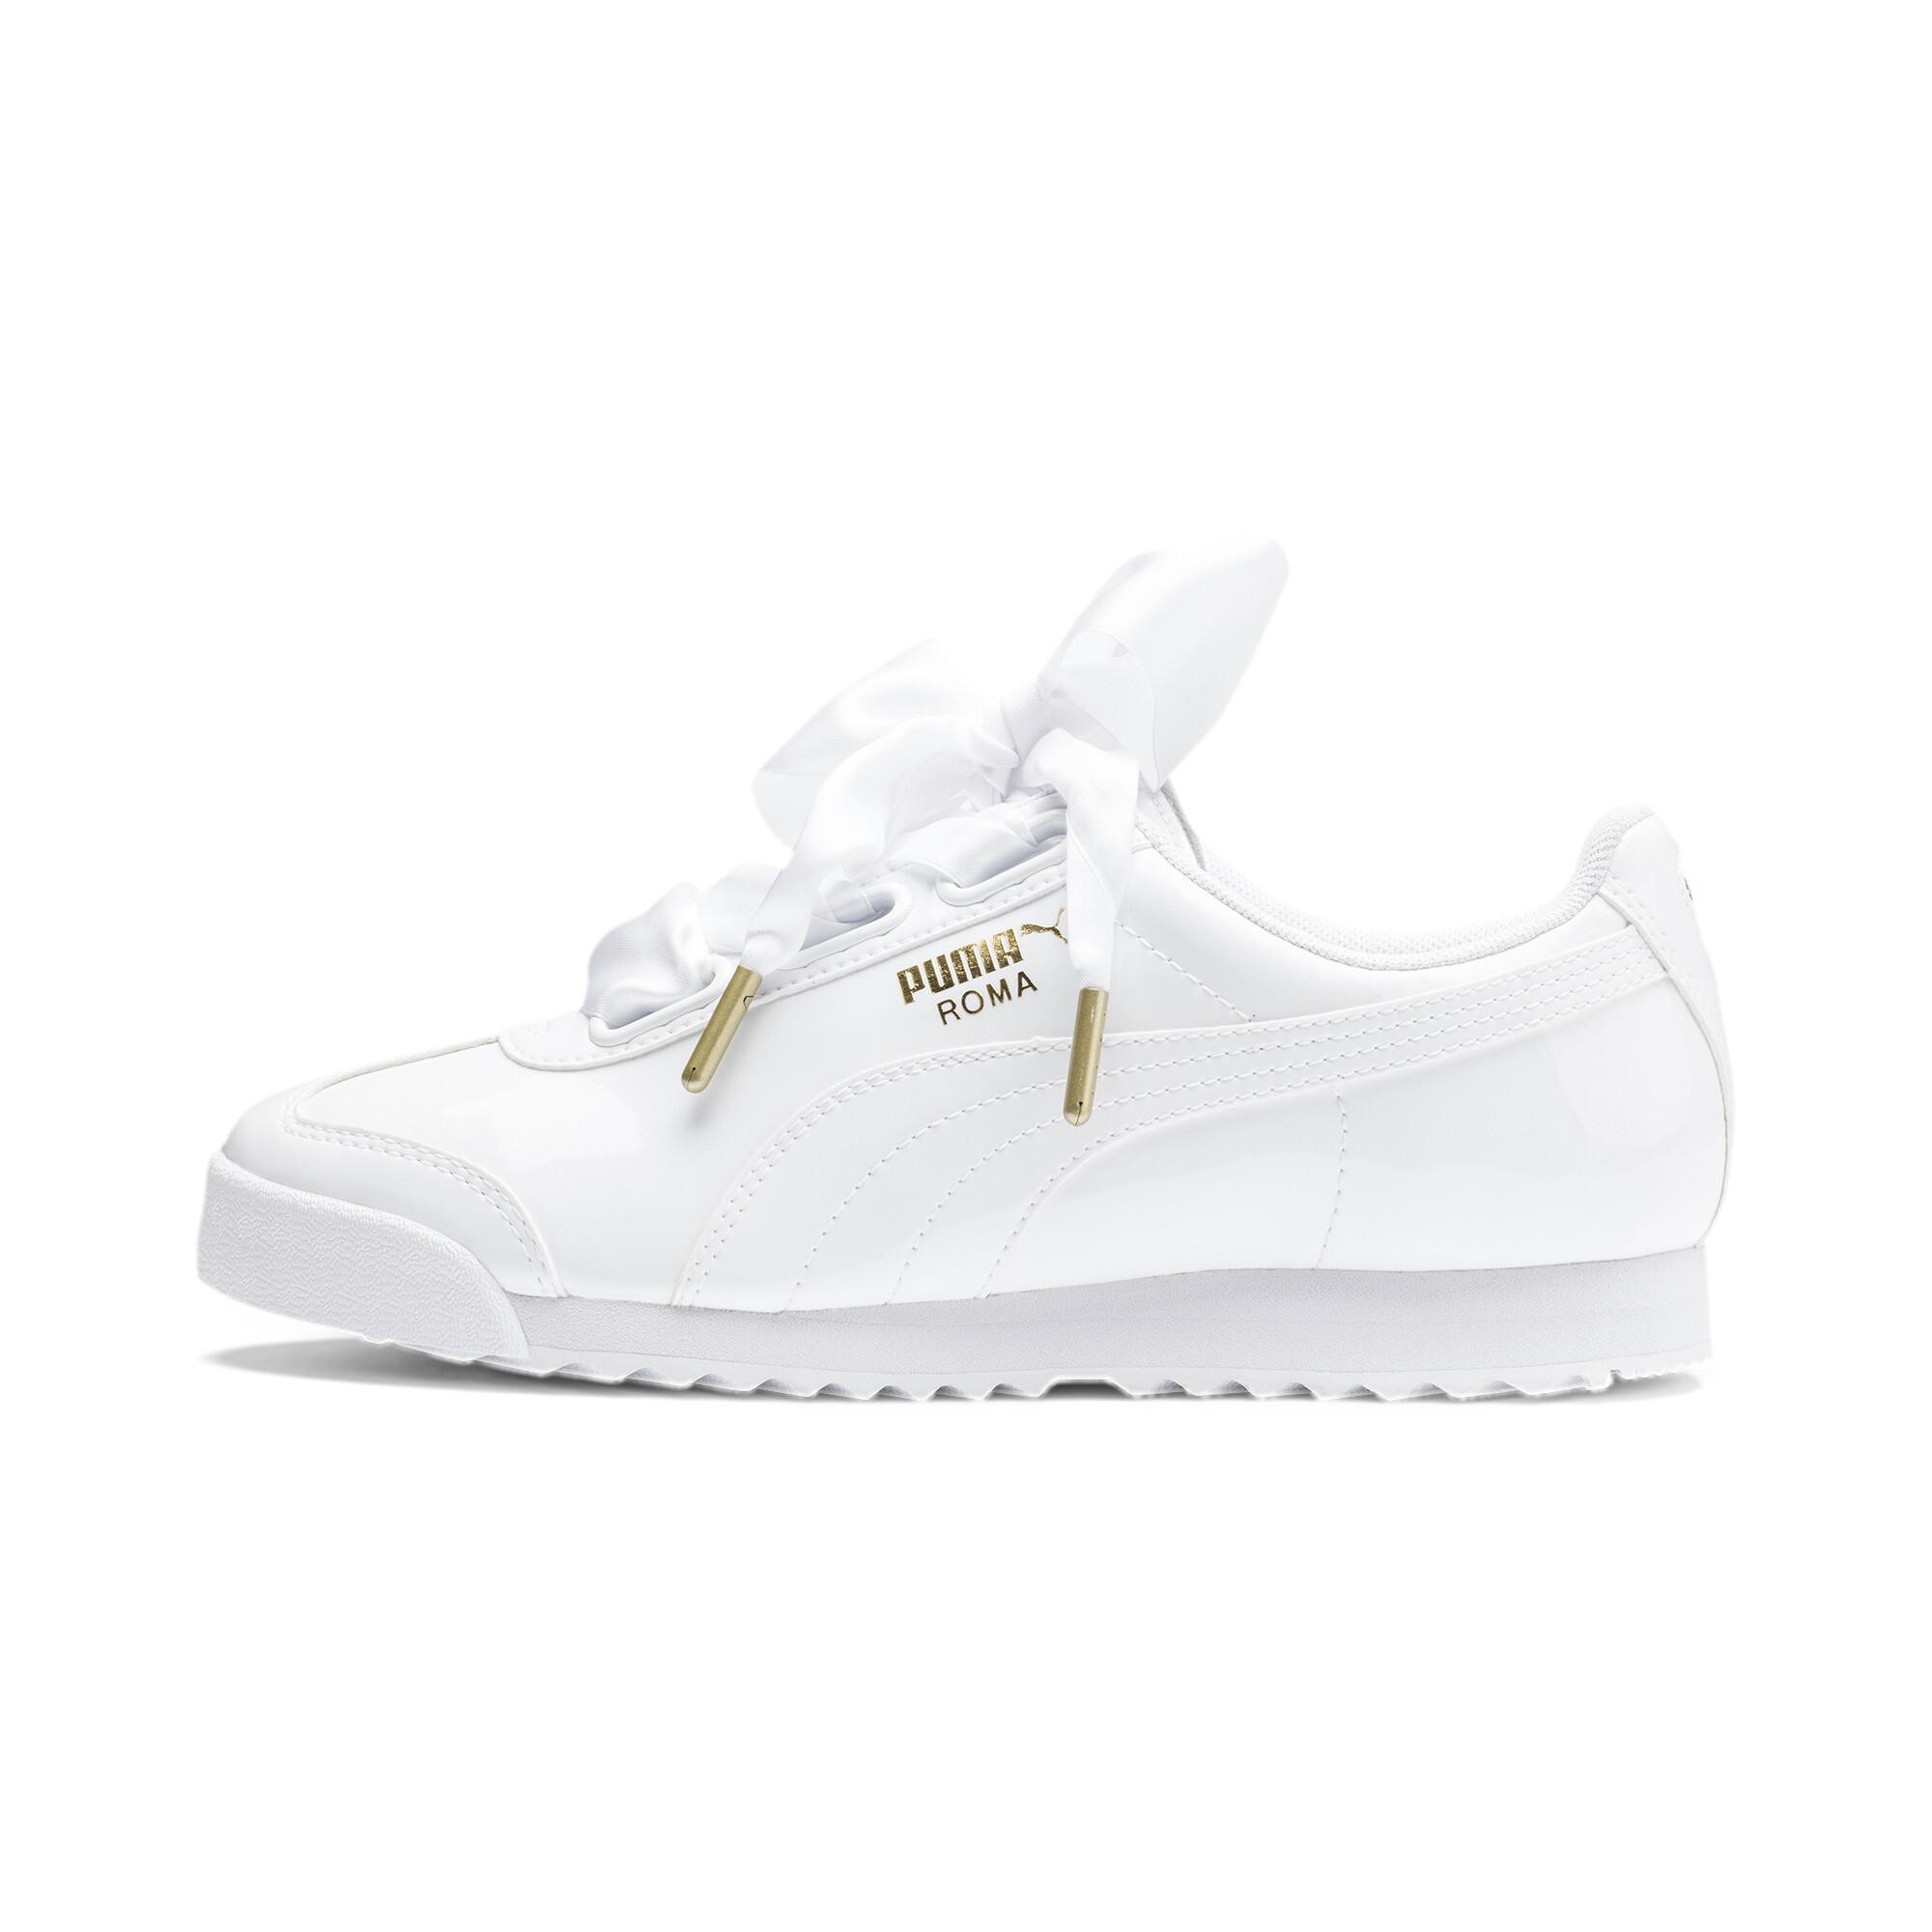 Puma Roma Herz Patent Damen Sneakers Frauen Schuh Sport